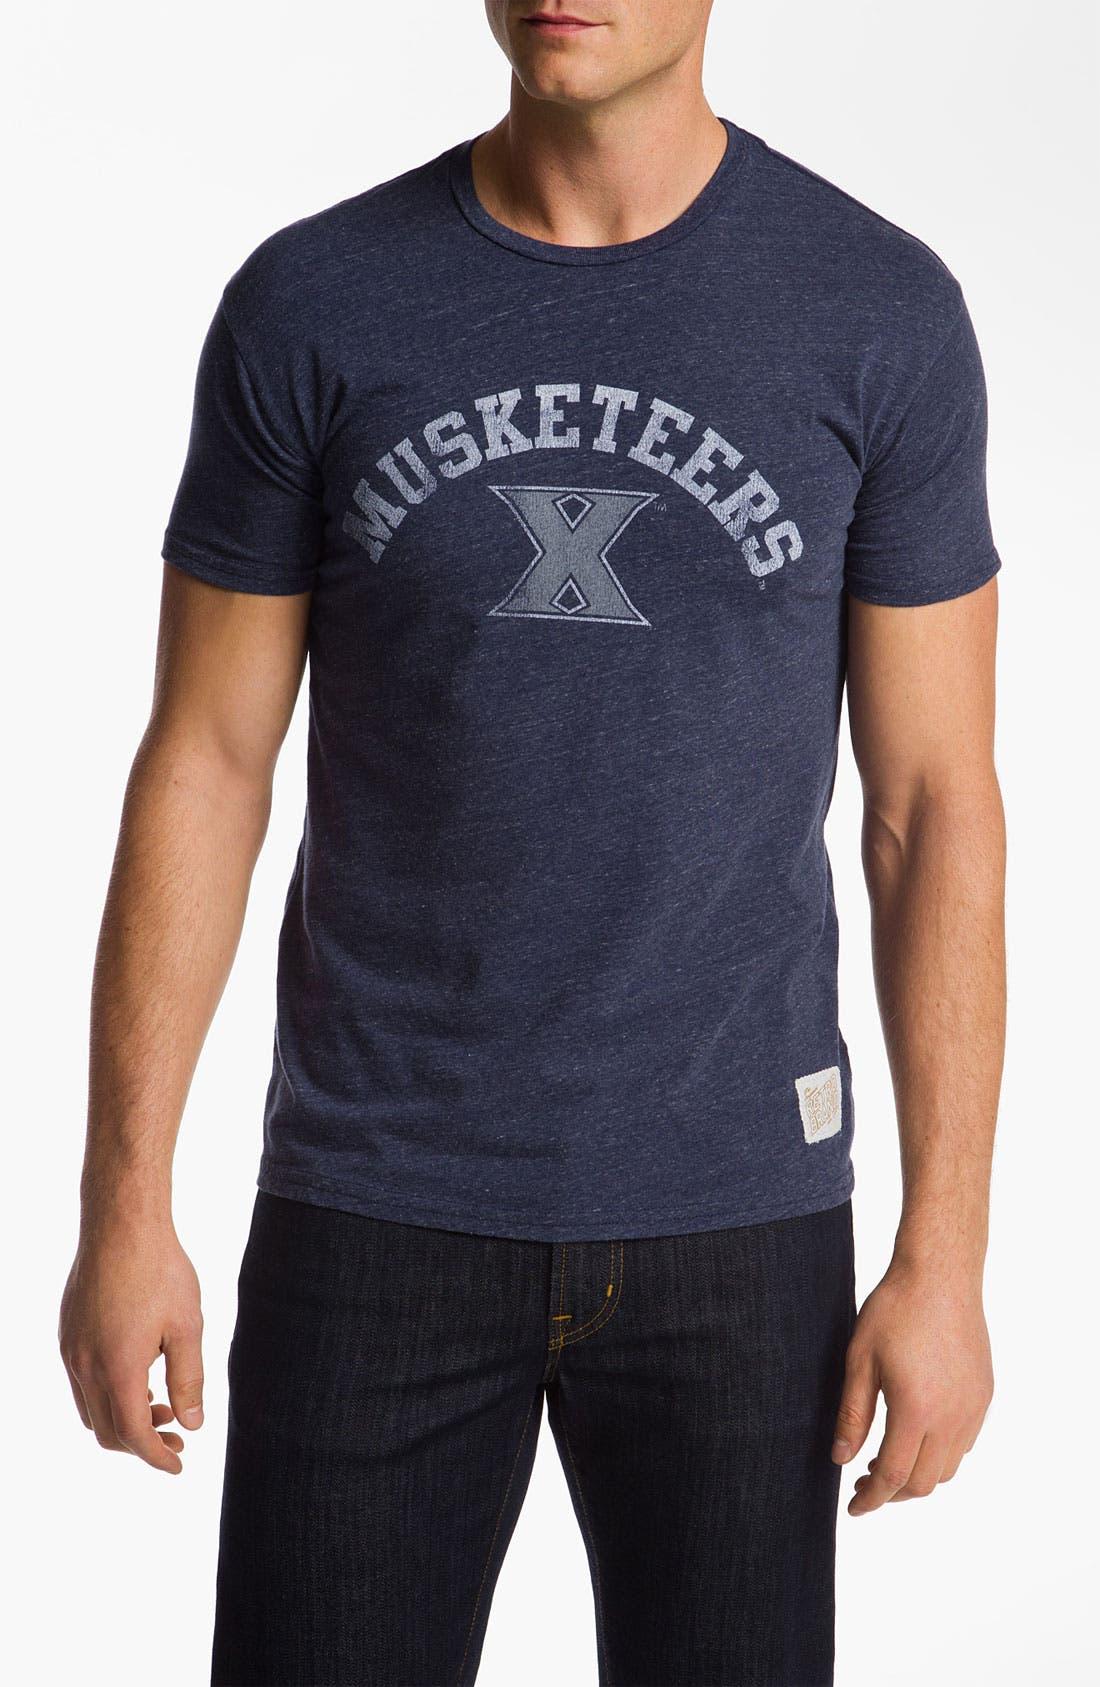 Main Image - The Original Retro Brand 'Xavier Musketeers - Stitch' T-Shirt